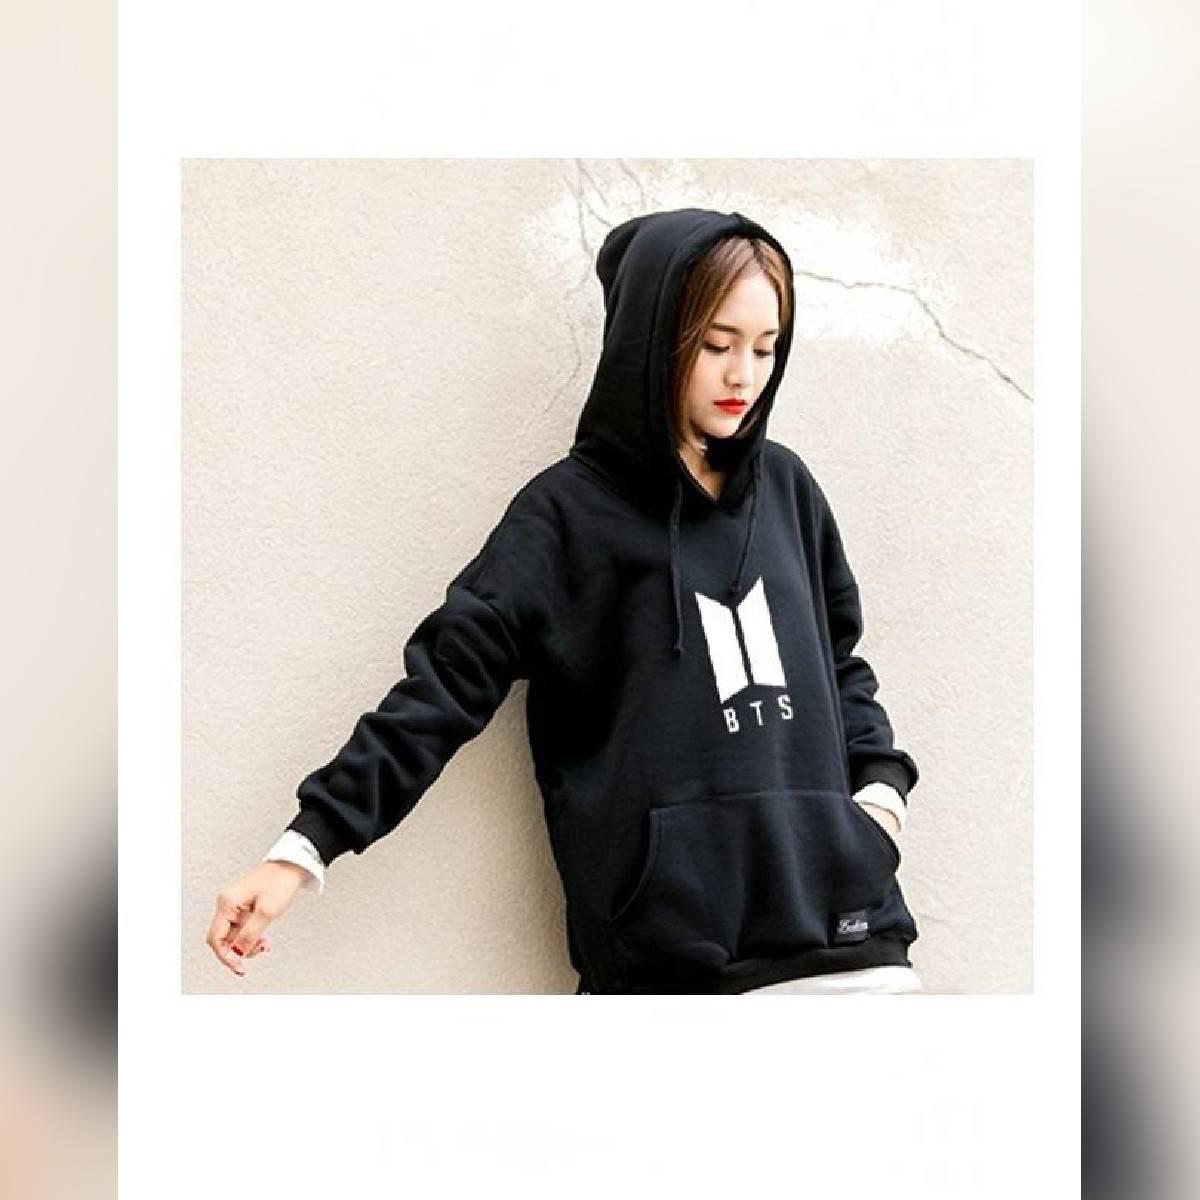 Black Fleece BTS Hoodies For Women